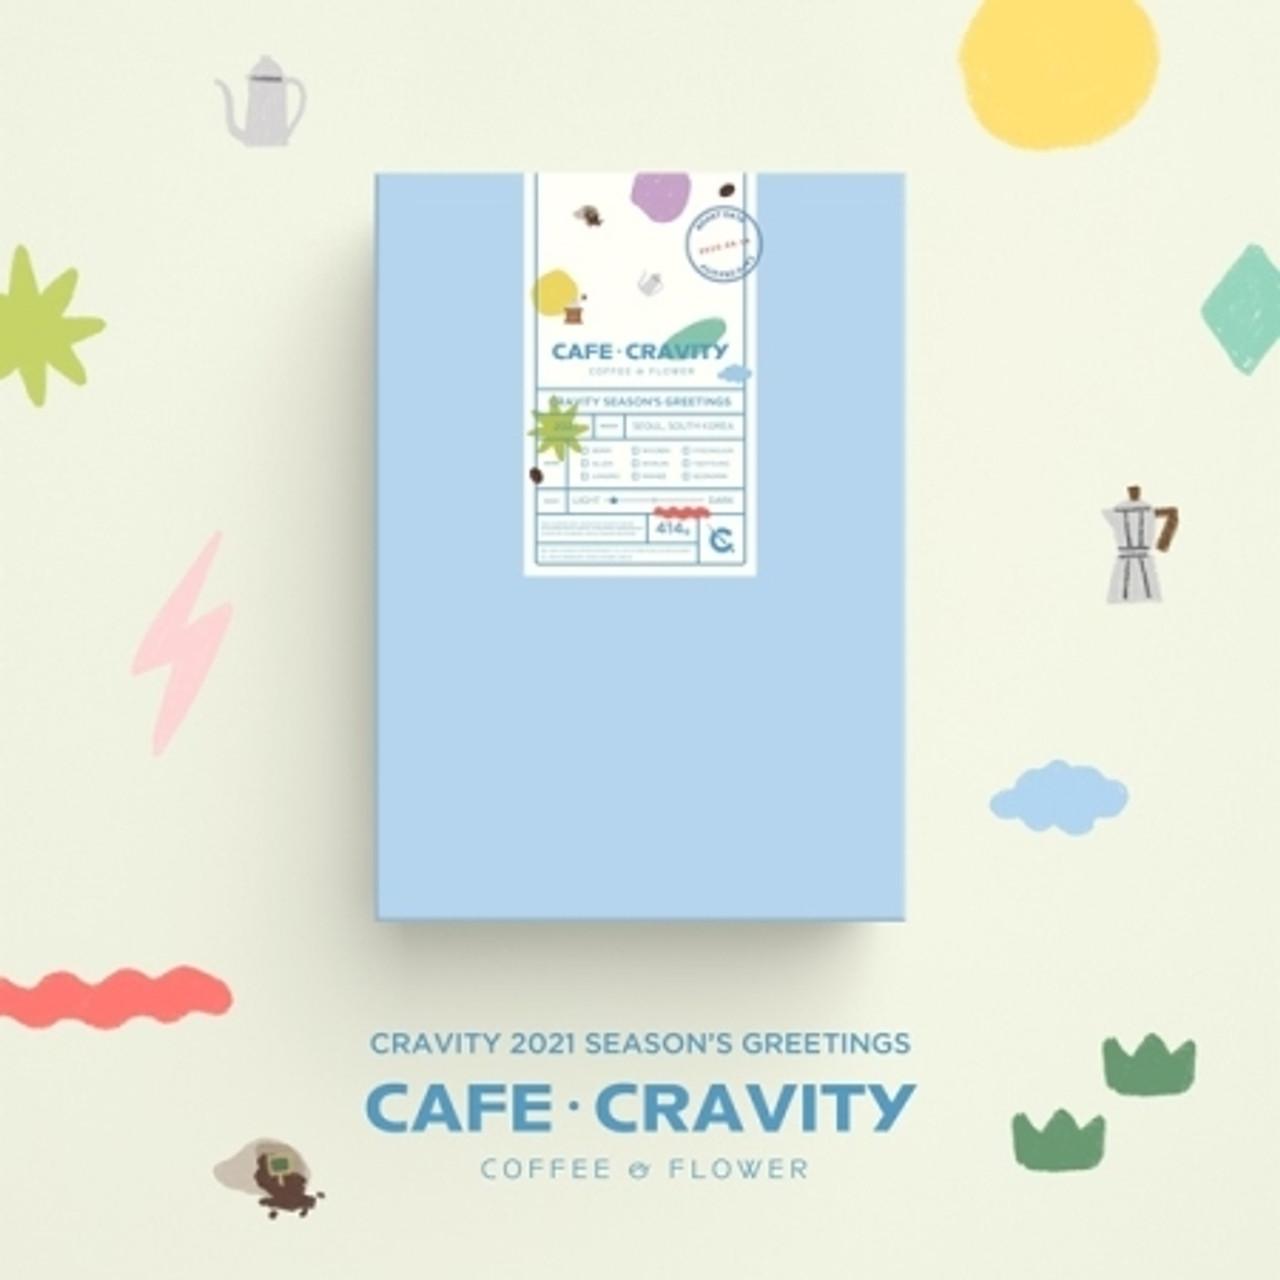 CRAVITY - 2021 SEASONS GREETINGS